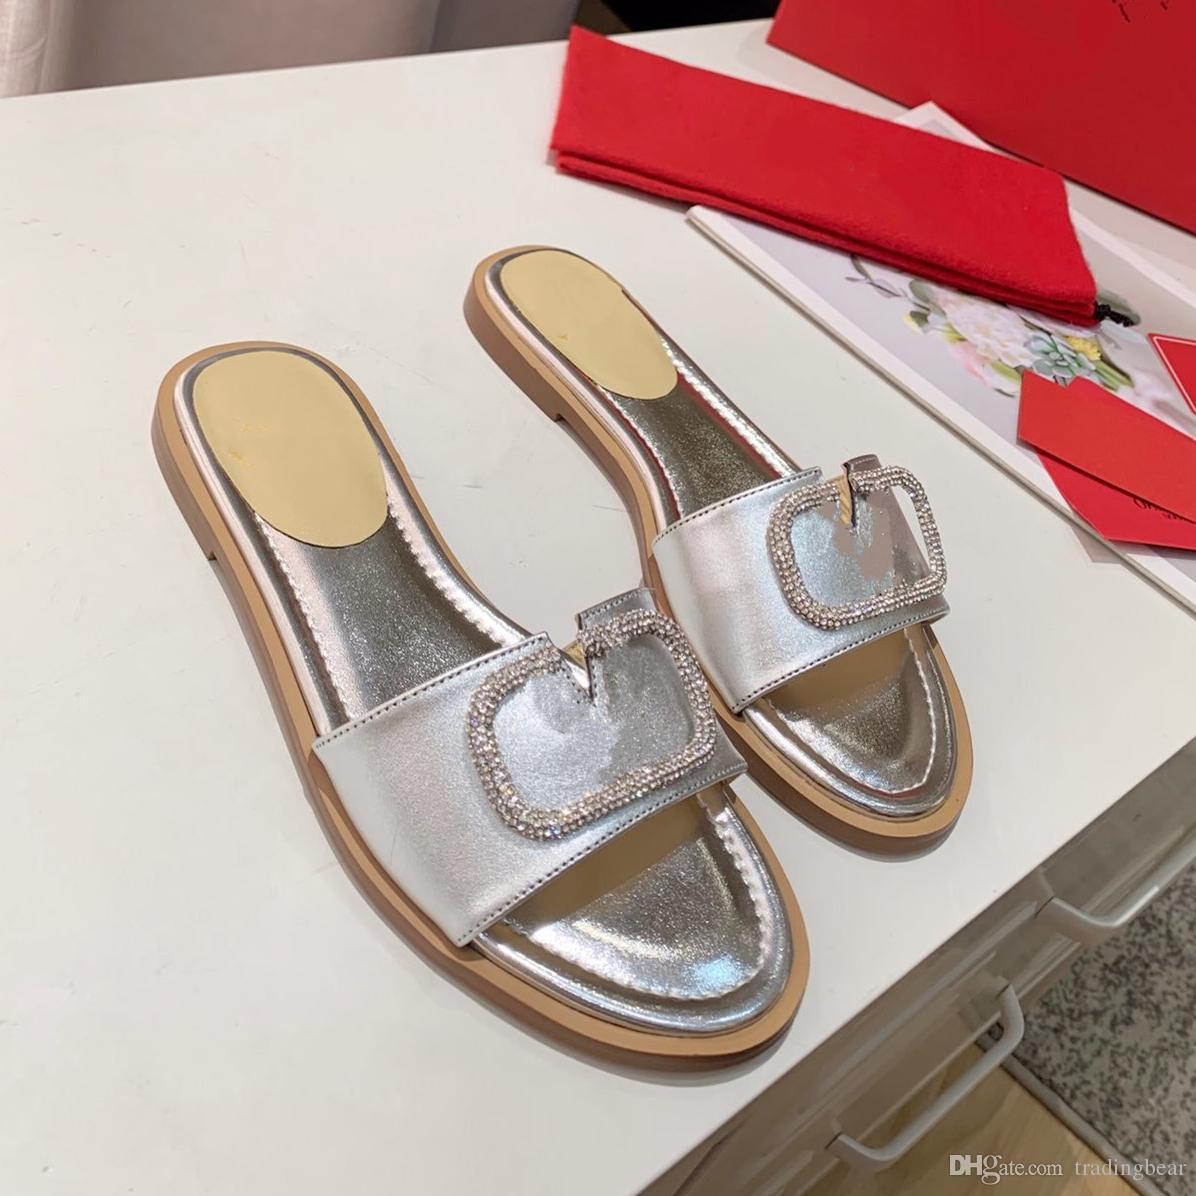 2020 couro reais lâminas de prata de ouro strass calcanhar plana sapatos mulheres sandálias de grife de luxo de moda de tamanho de 35 a 41 tradingbear